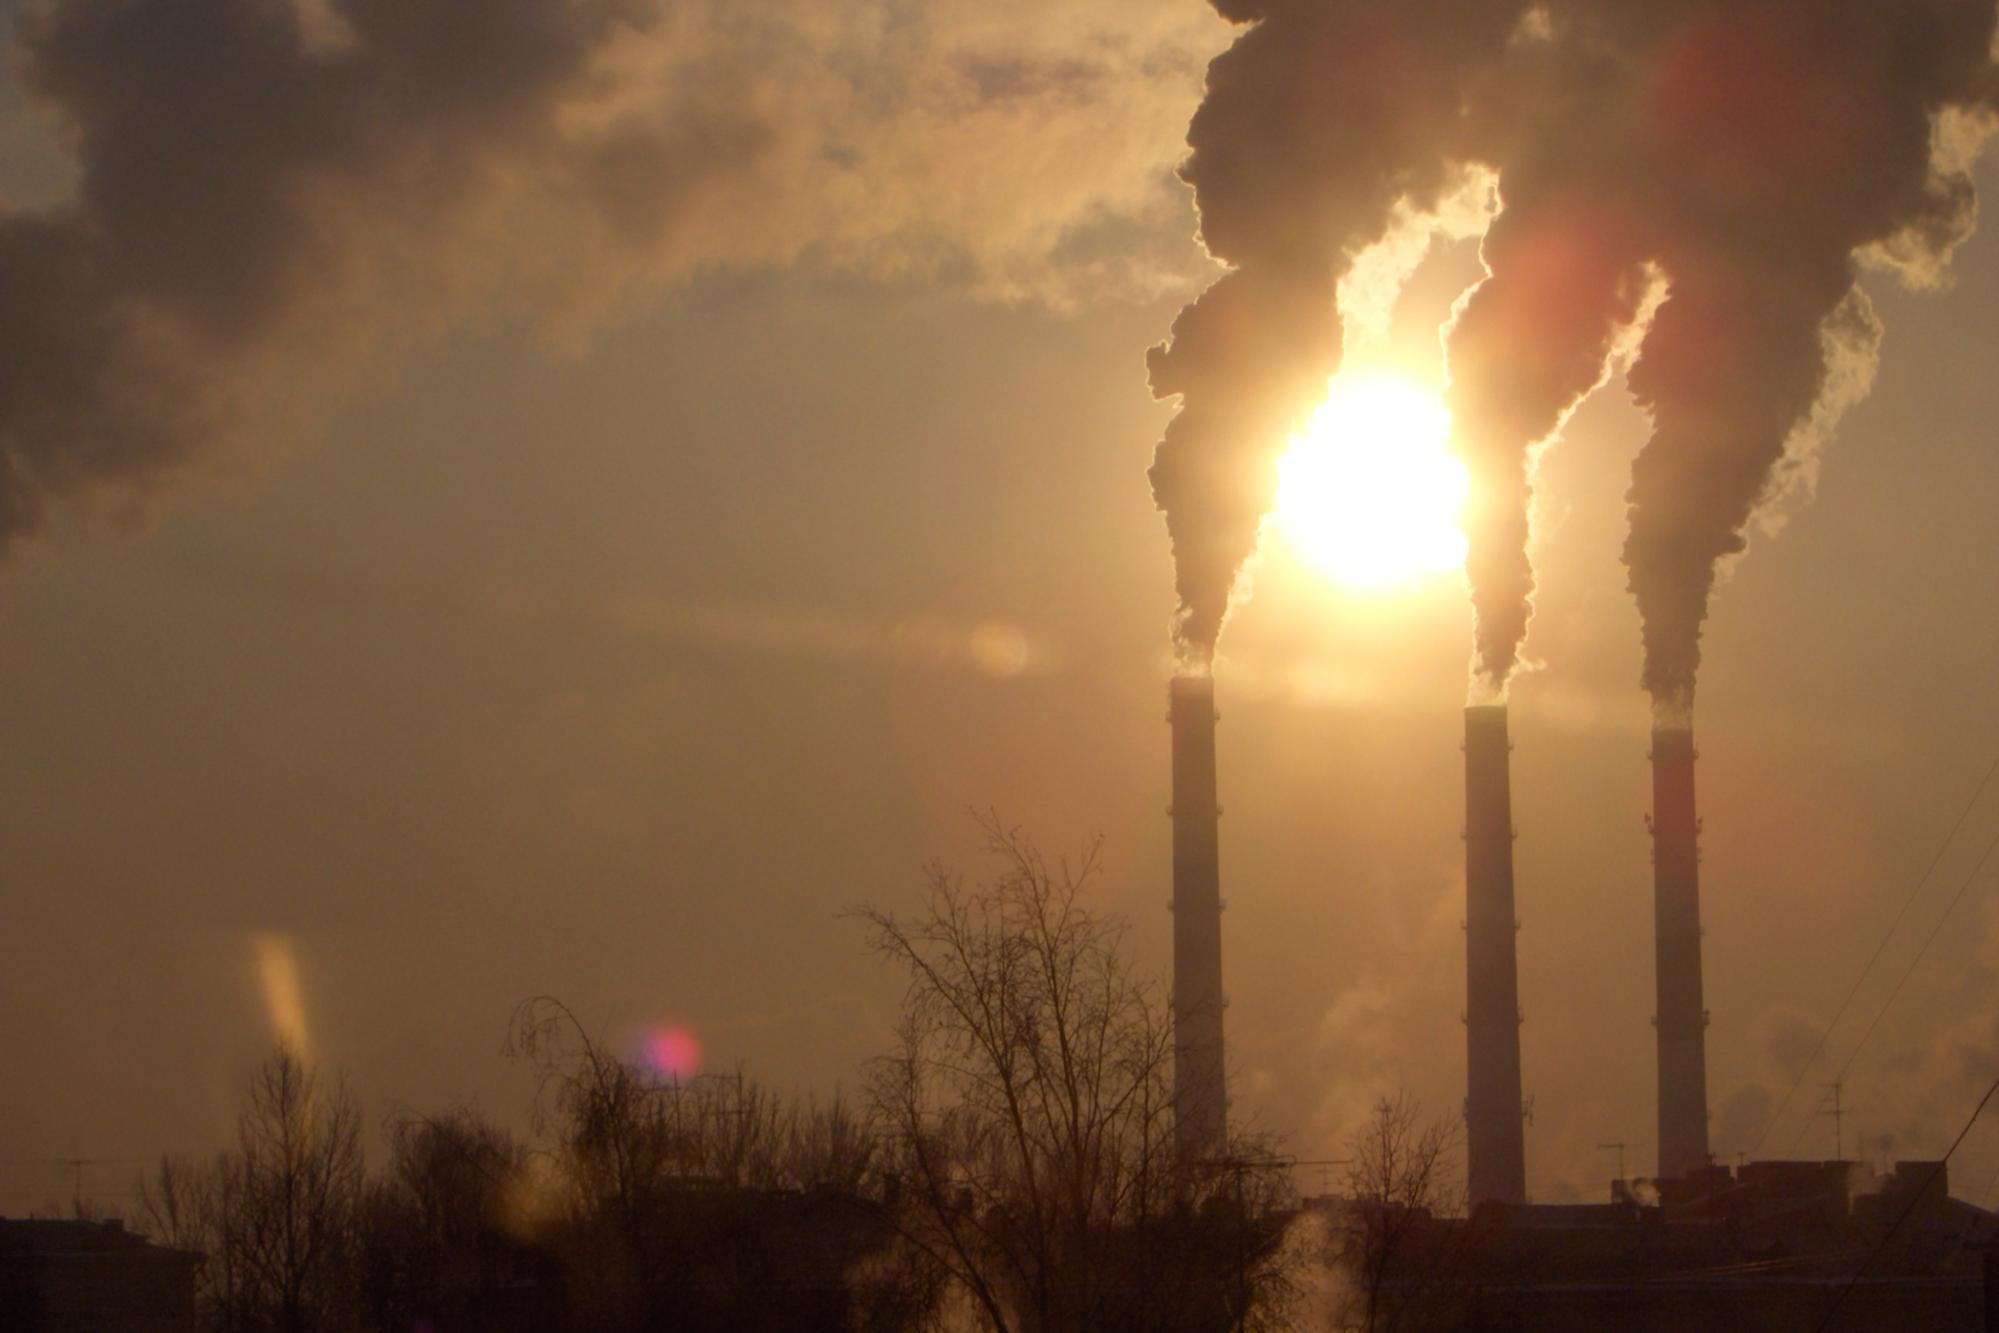 Carbon emissions, climate change